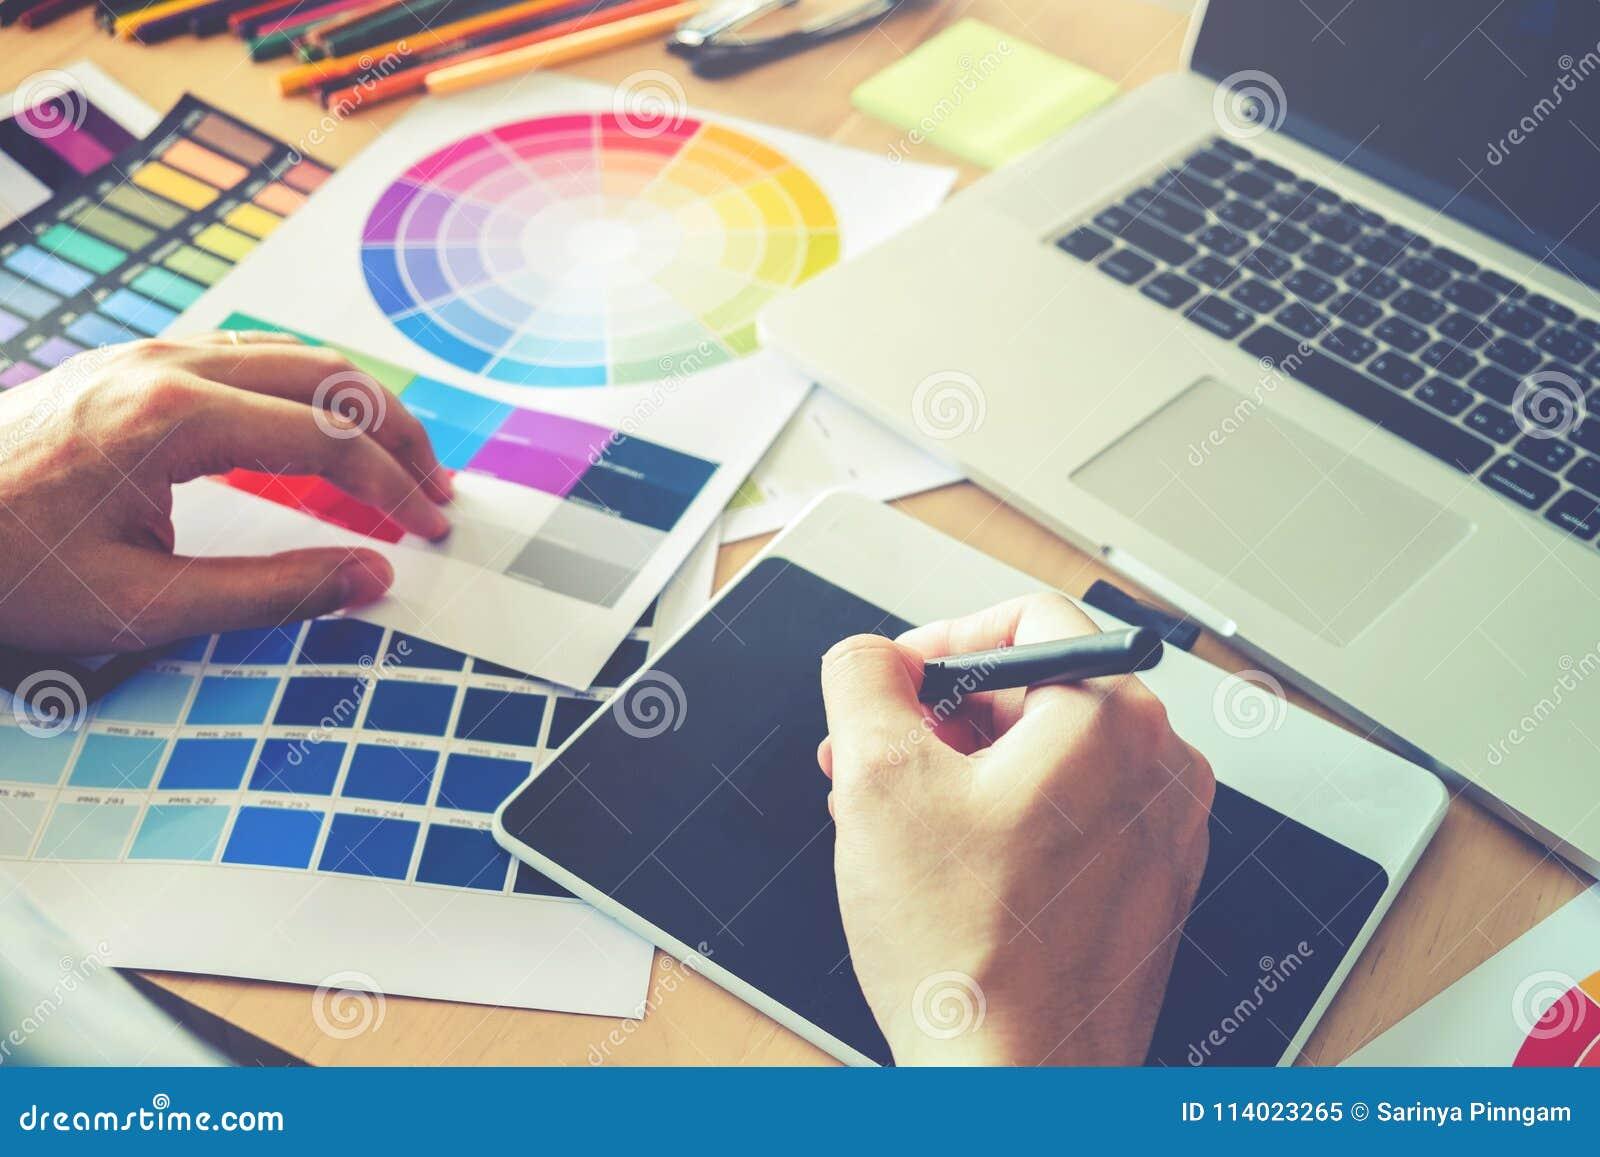 Dessin de concepteur sur la tablette graphique sur le lieu de travail